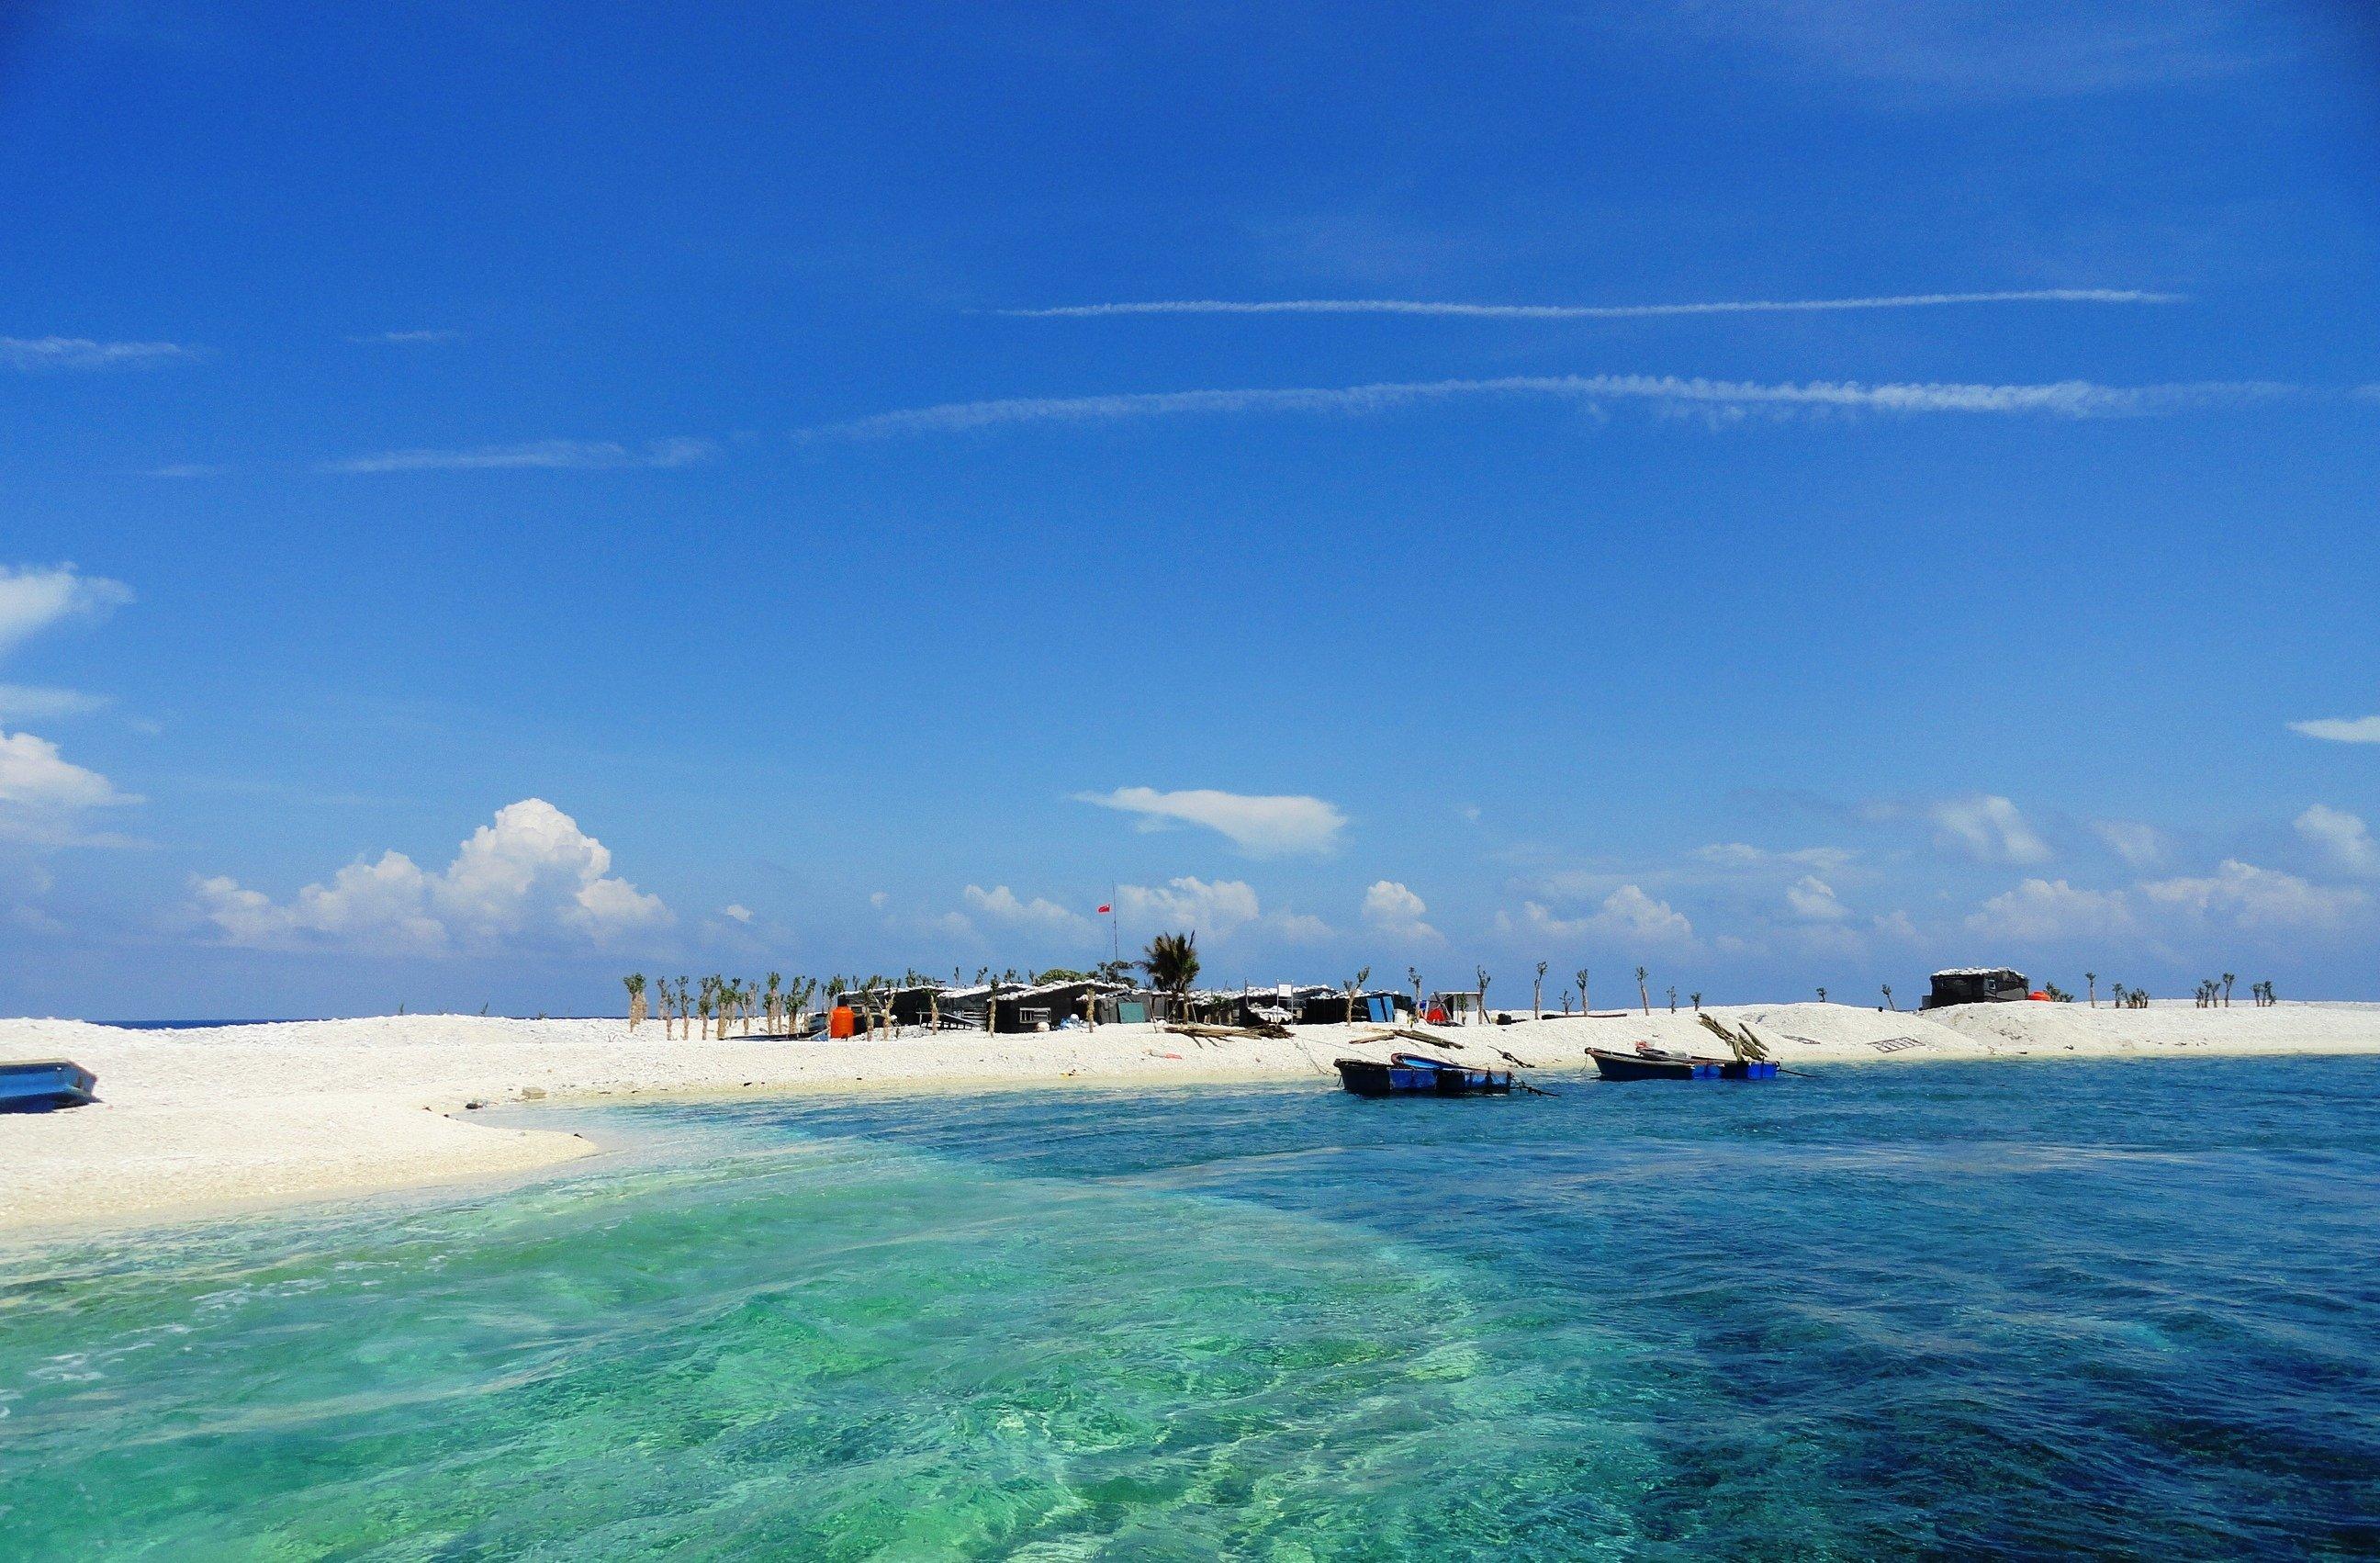 唯一只对中国游客开放的岛屿,只有16000人去过